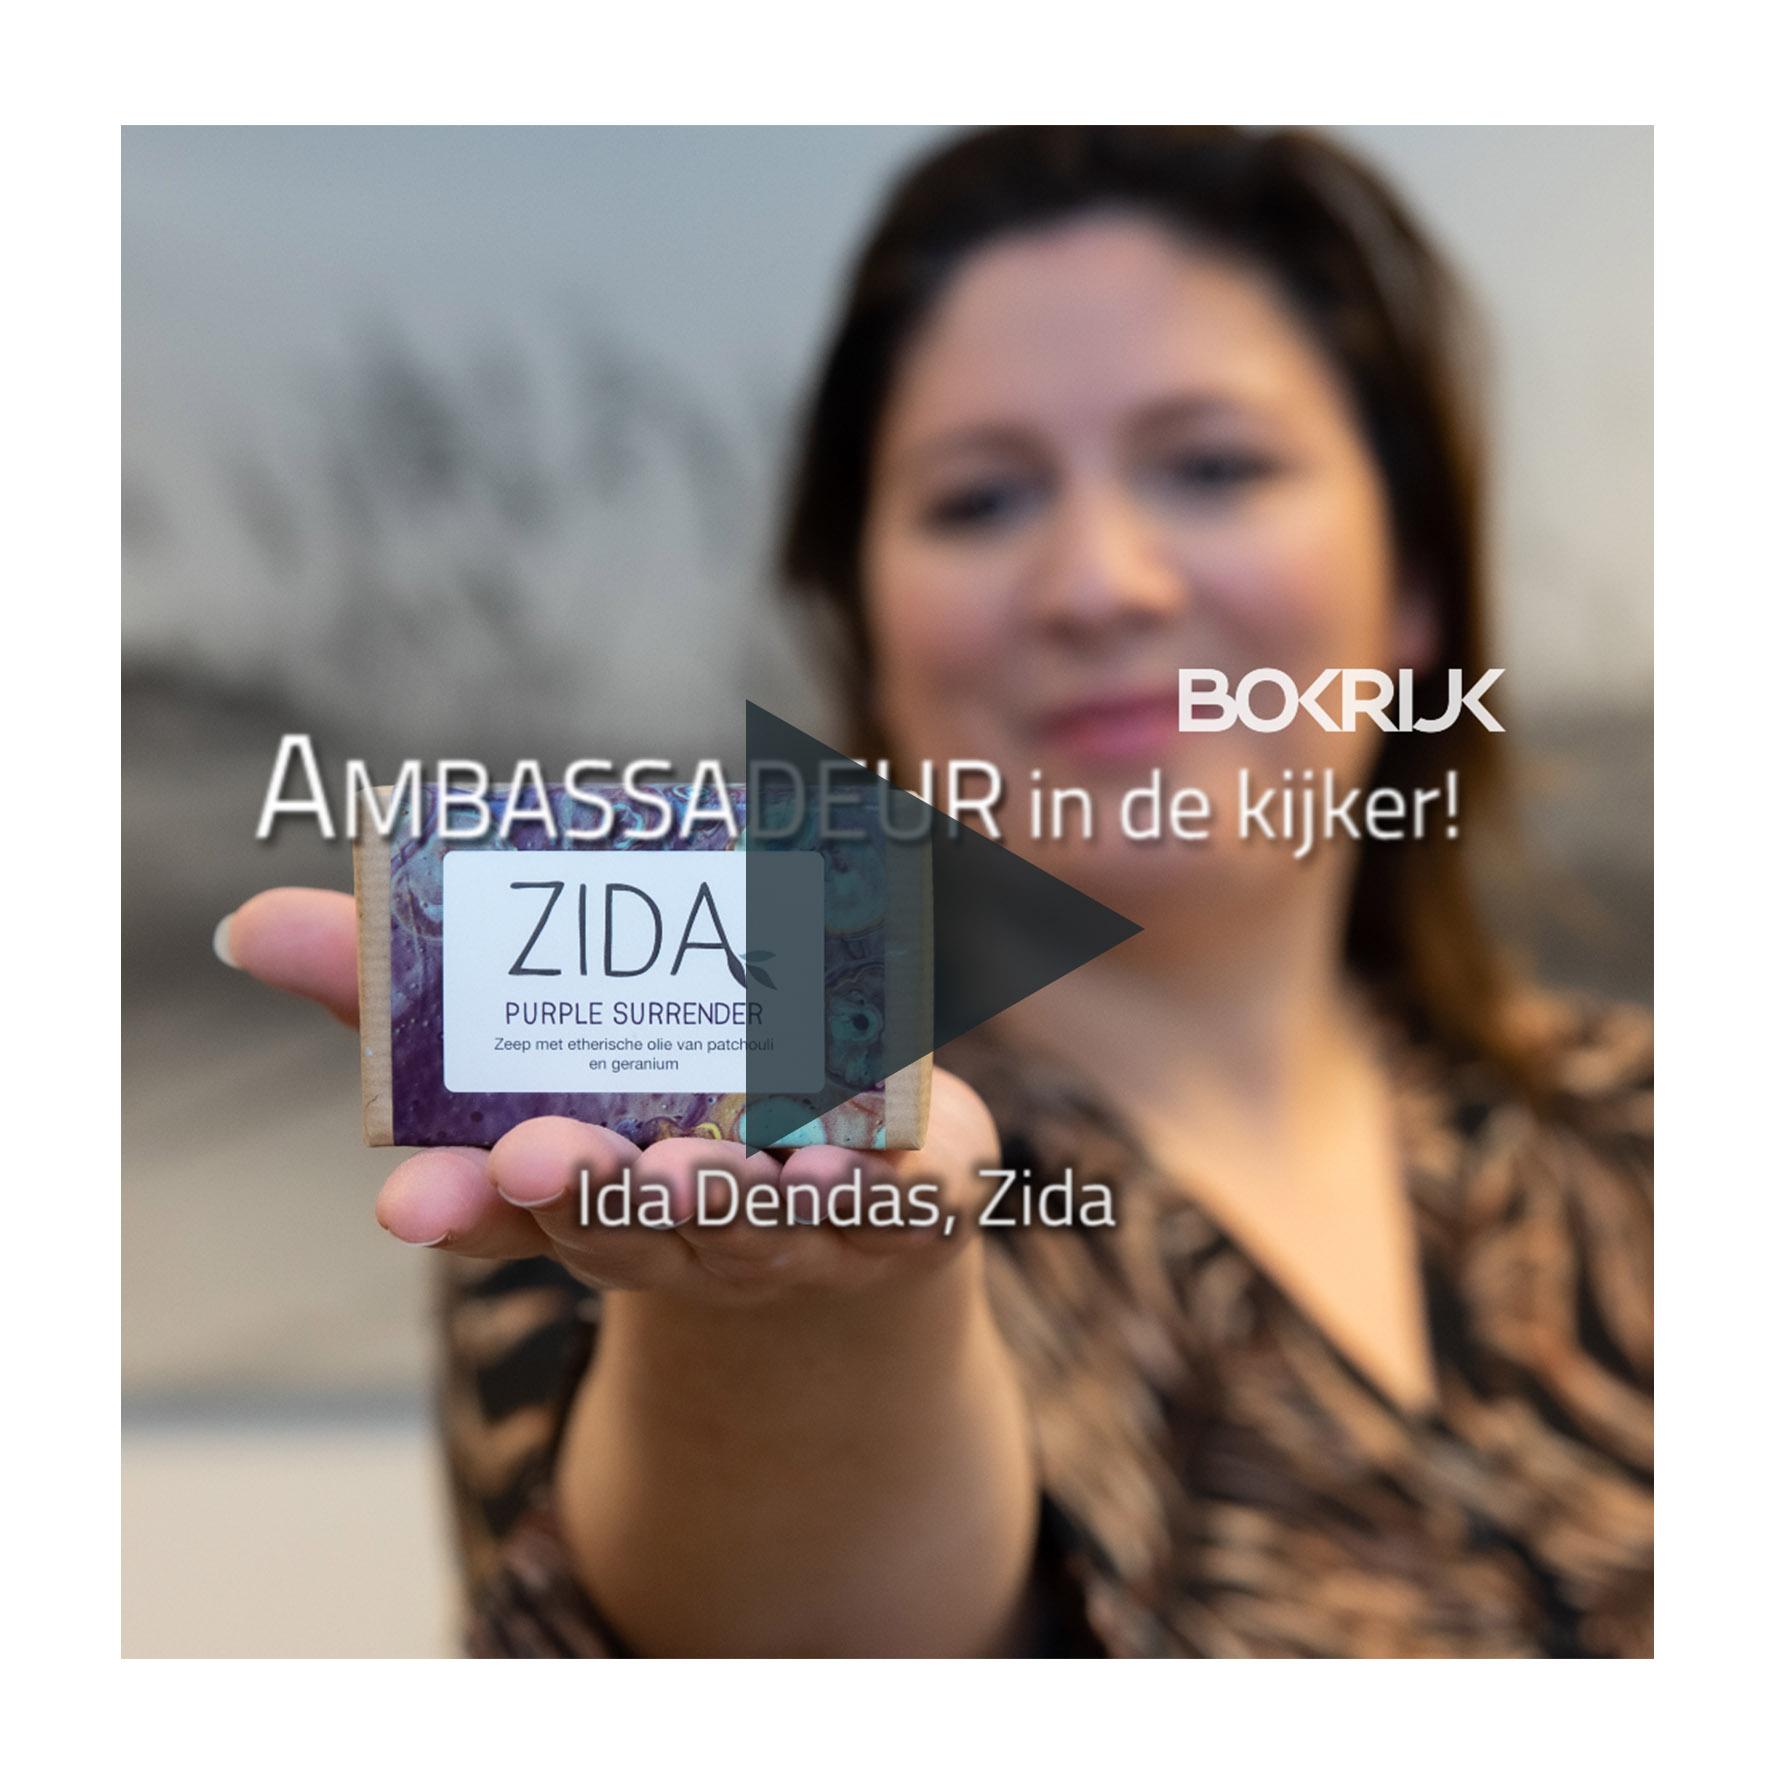 Project Bokrijk: VAKlab Ambassadeur in de kijker!